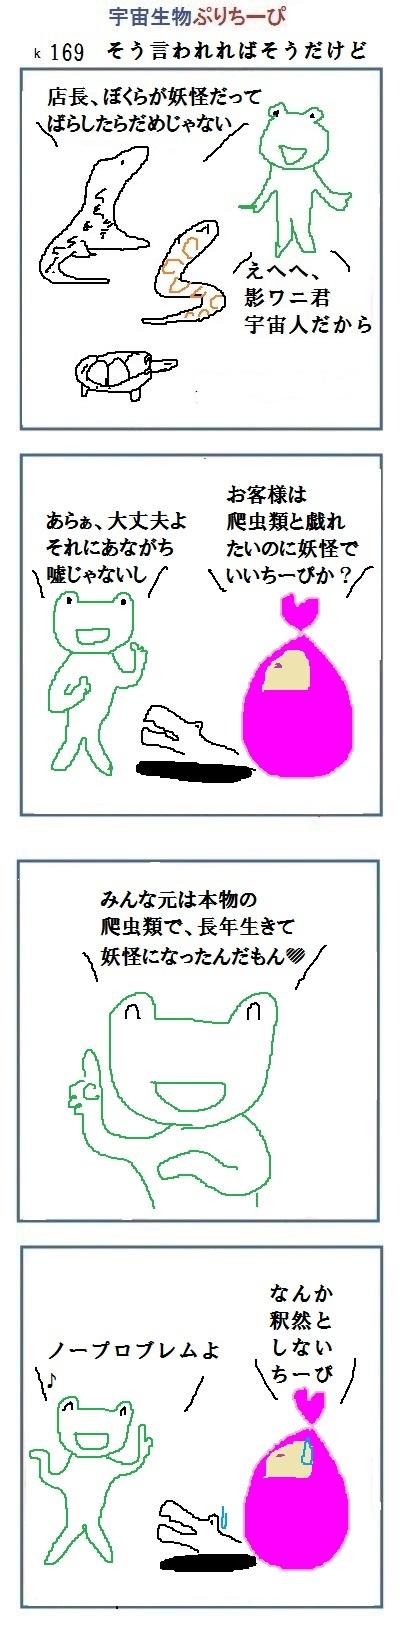 20161108213817795.jpg